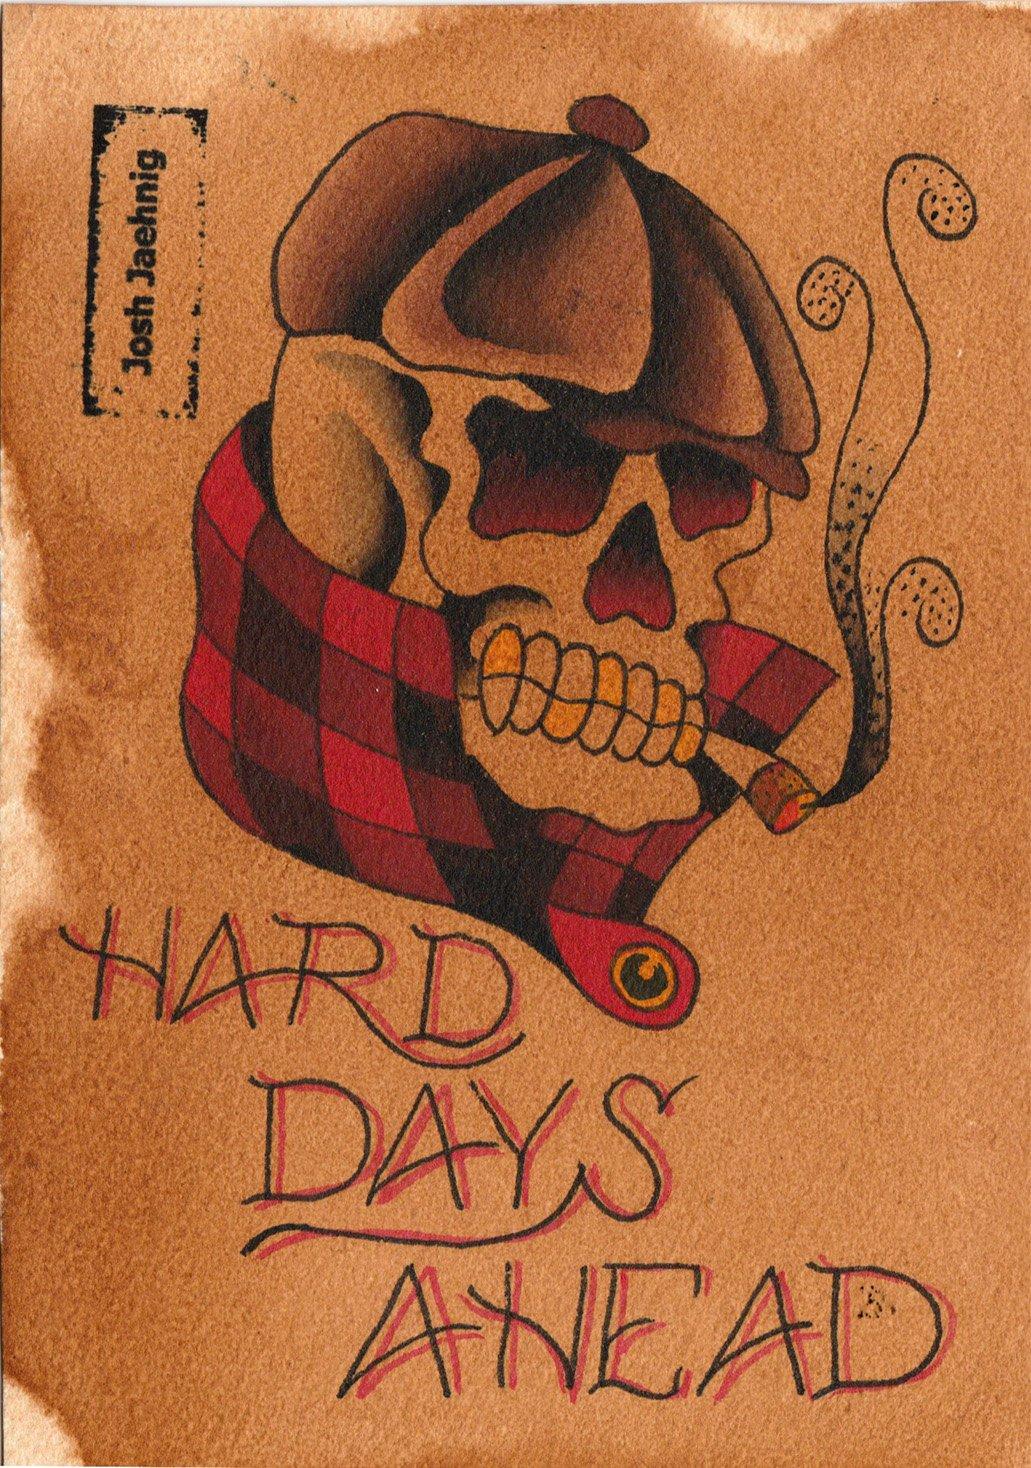 Image of Hard Days